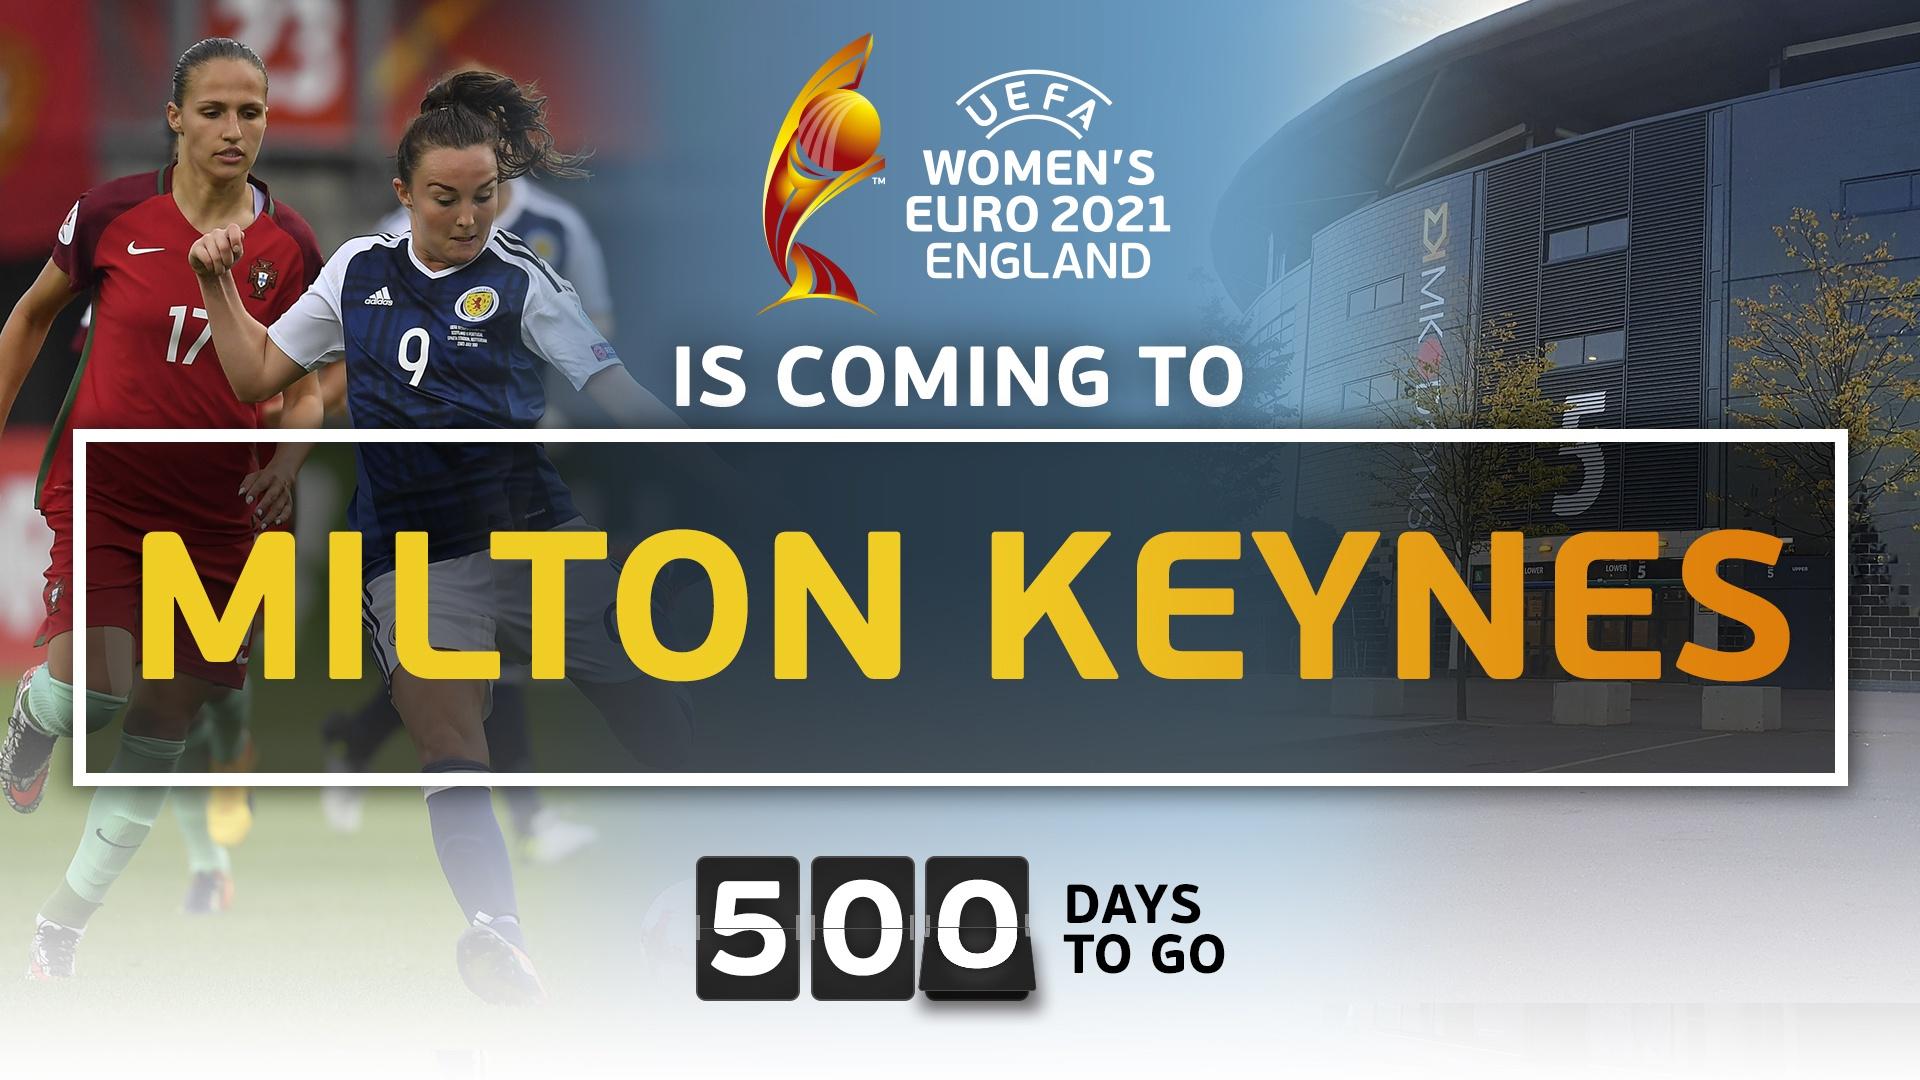 Milton keynes Euro 2021